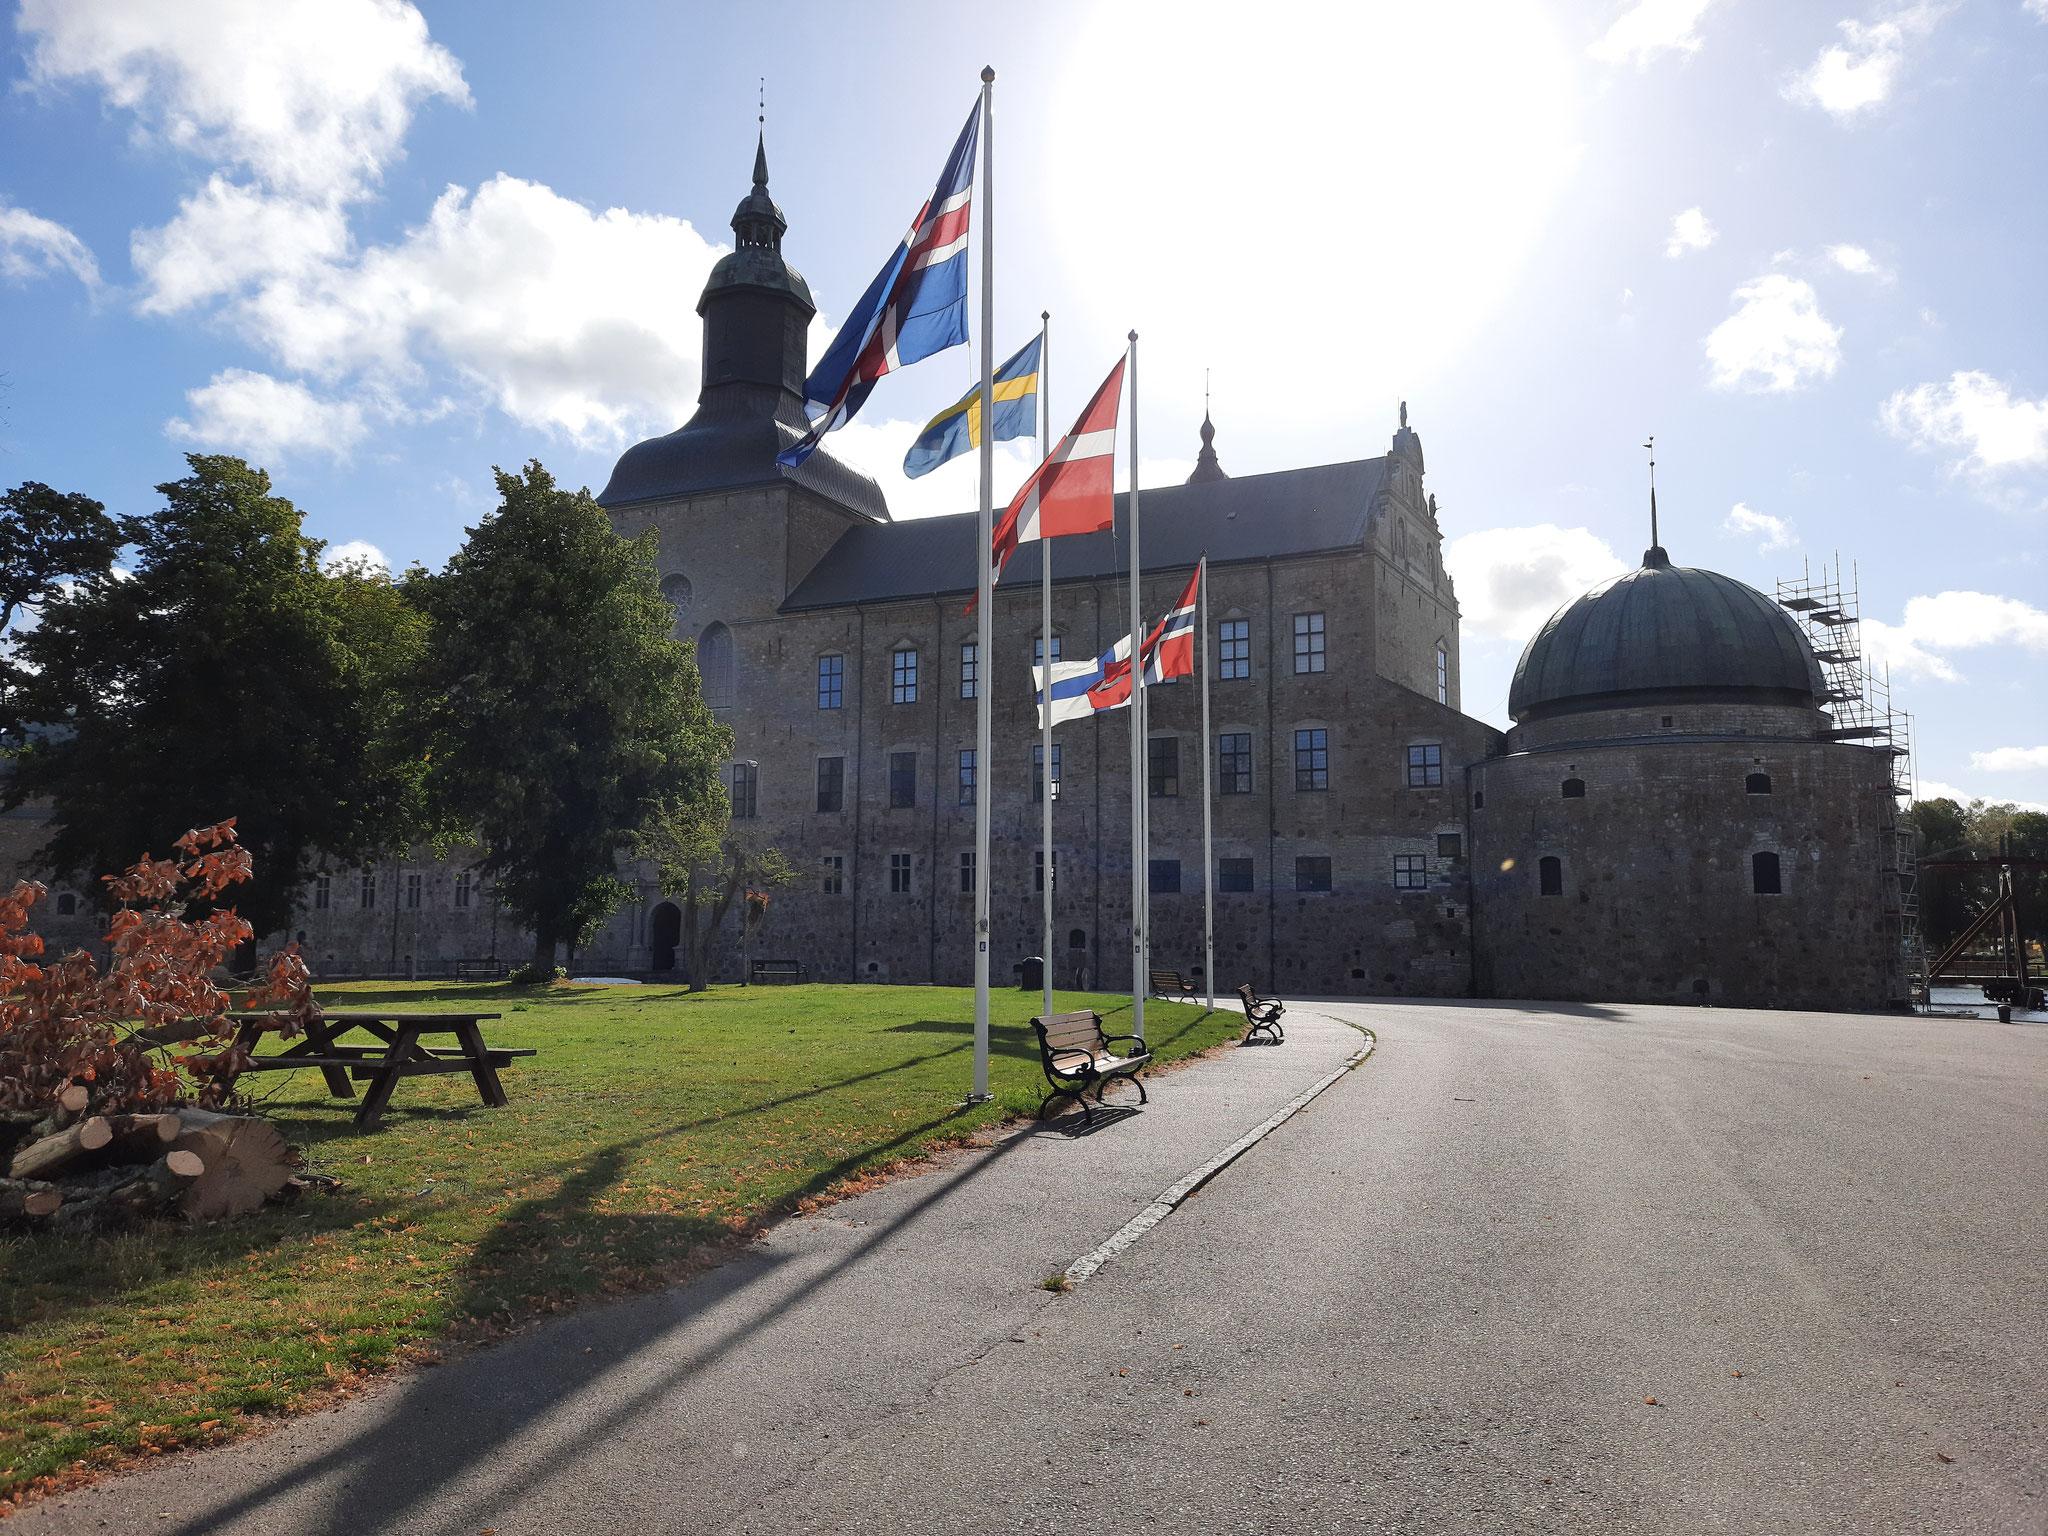 Vadstenas Schloss